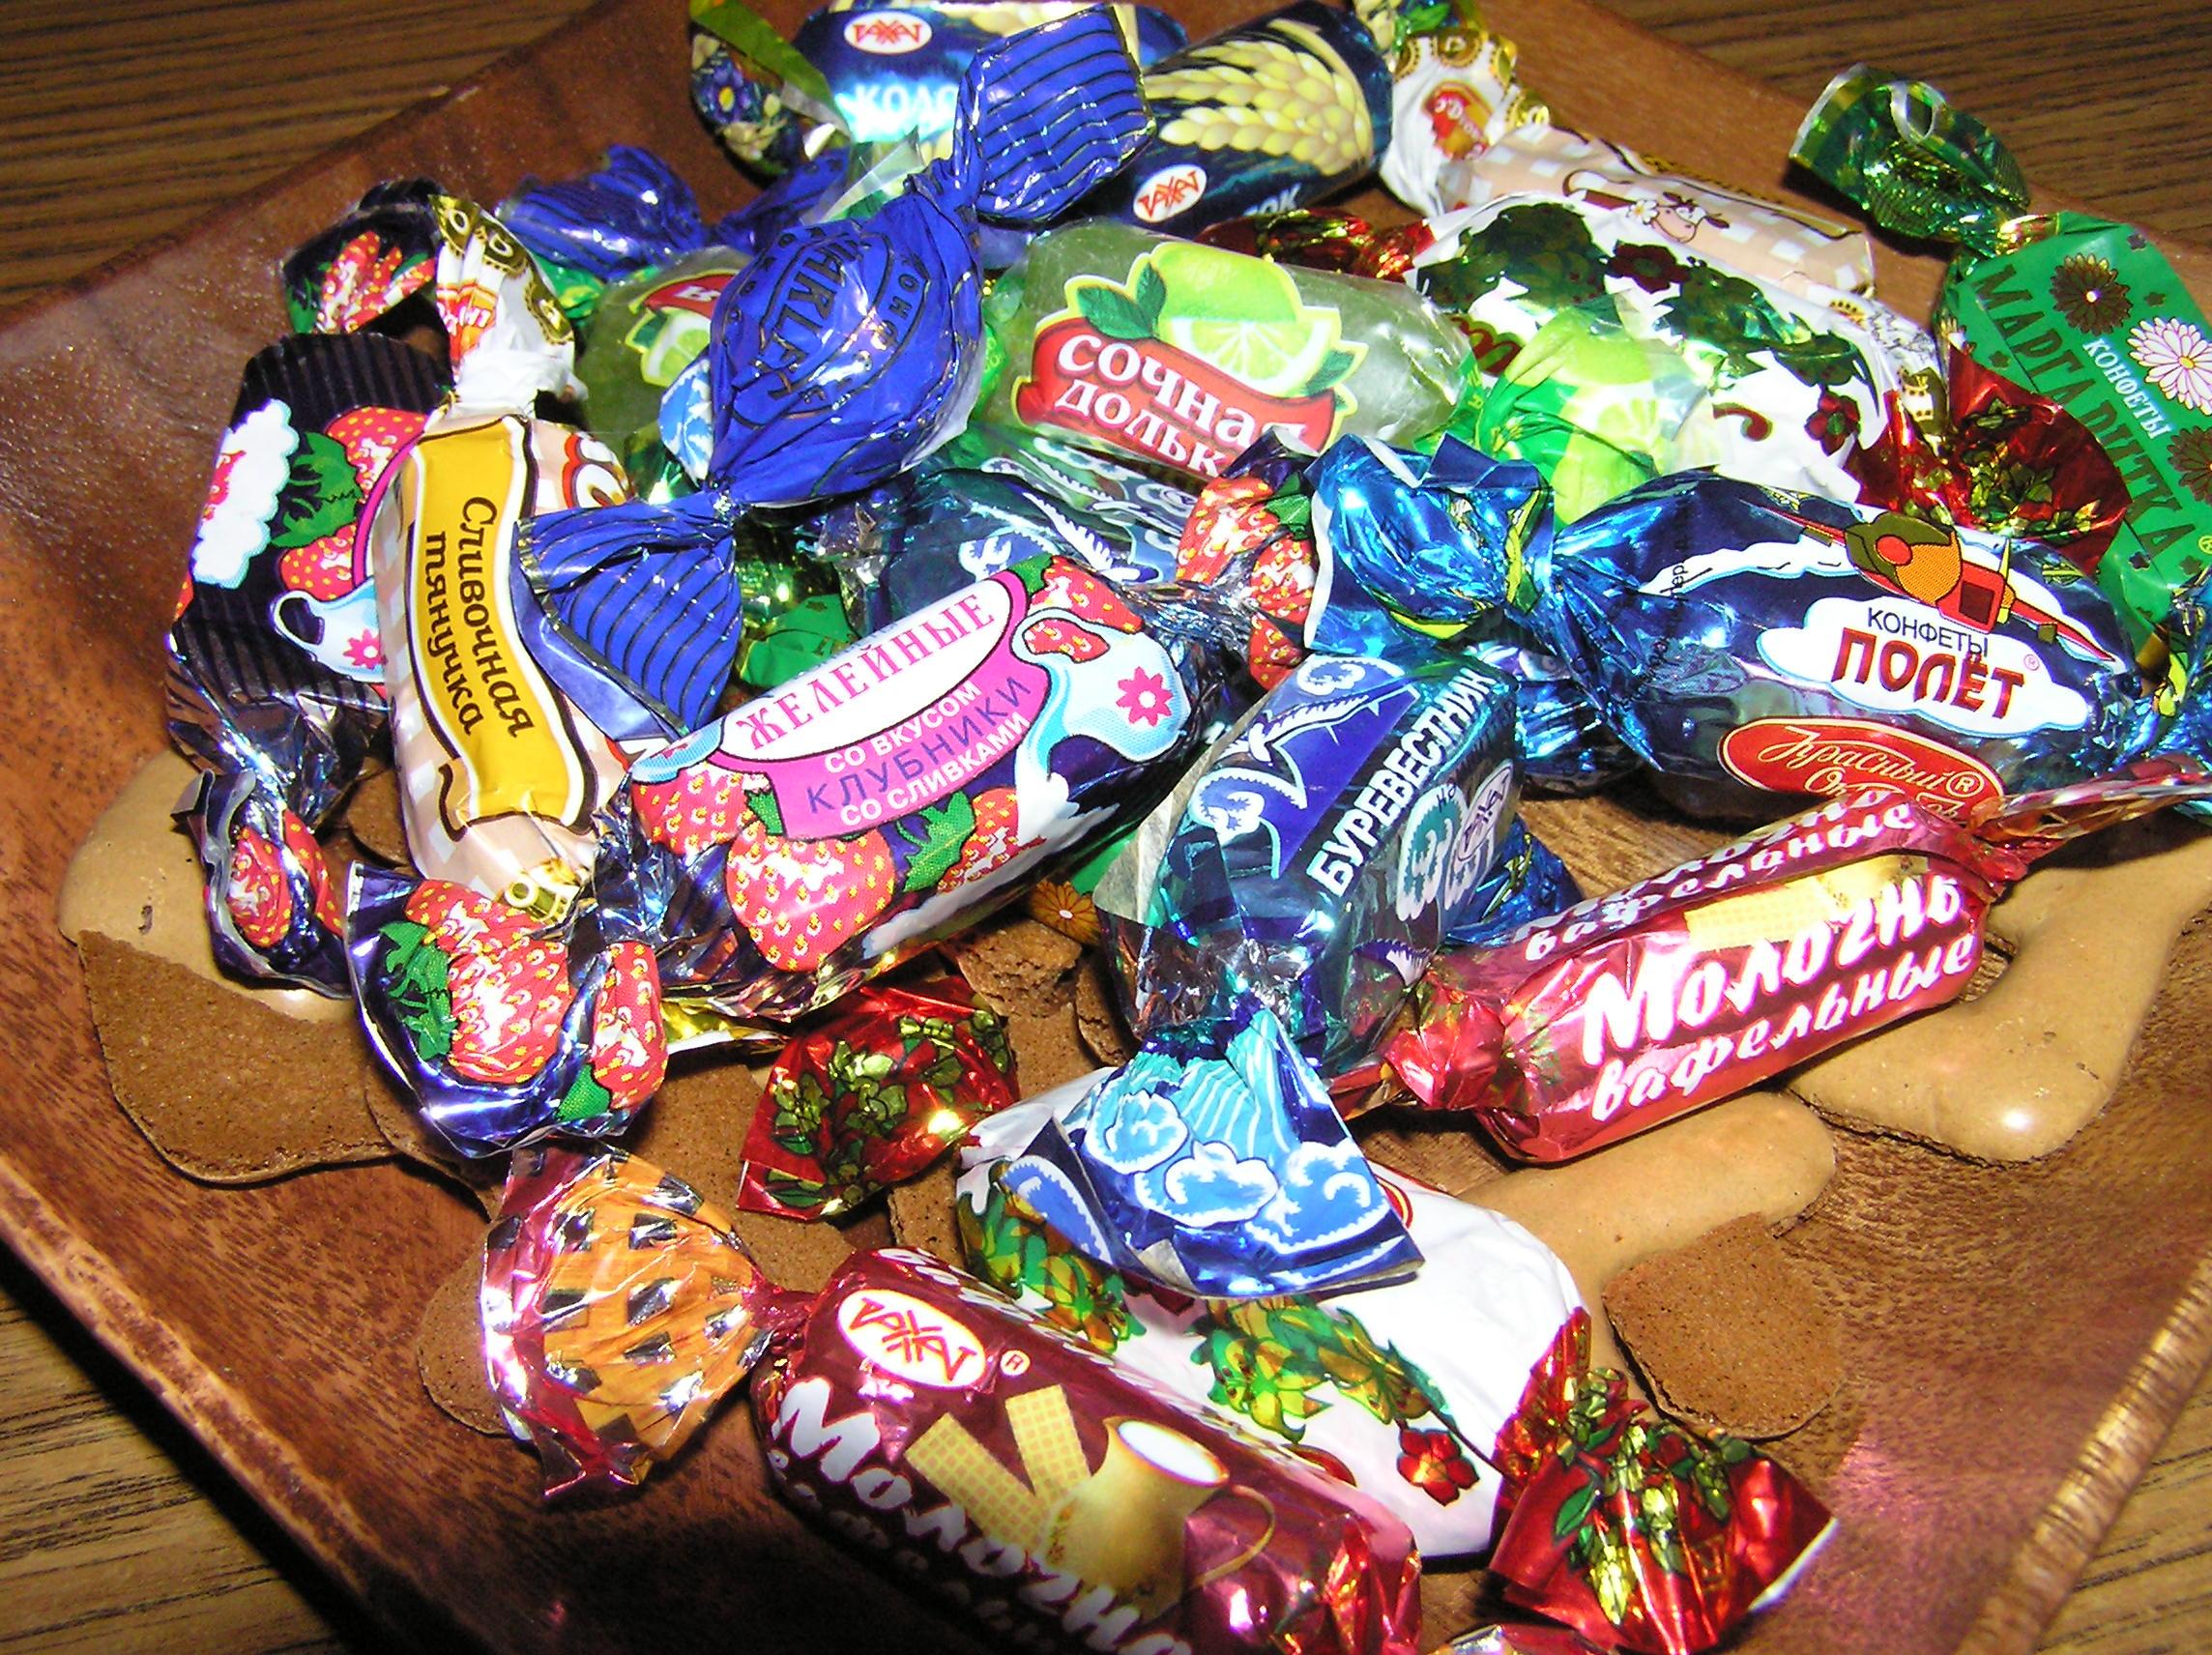 Weiß jemand hier wie diese Süßigkeiten heissen? (Name, BONBONS)